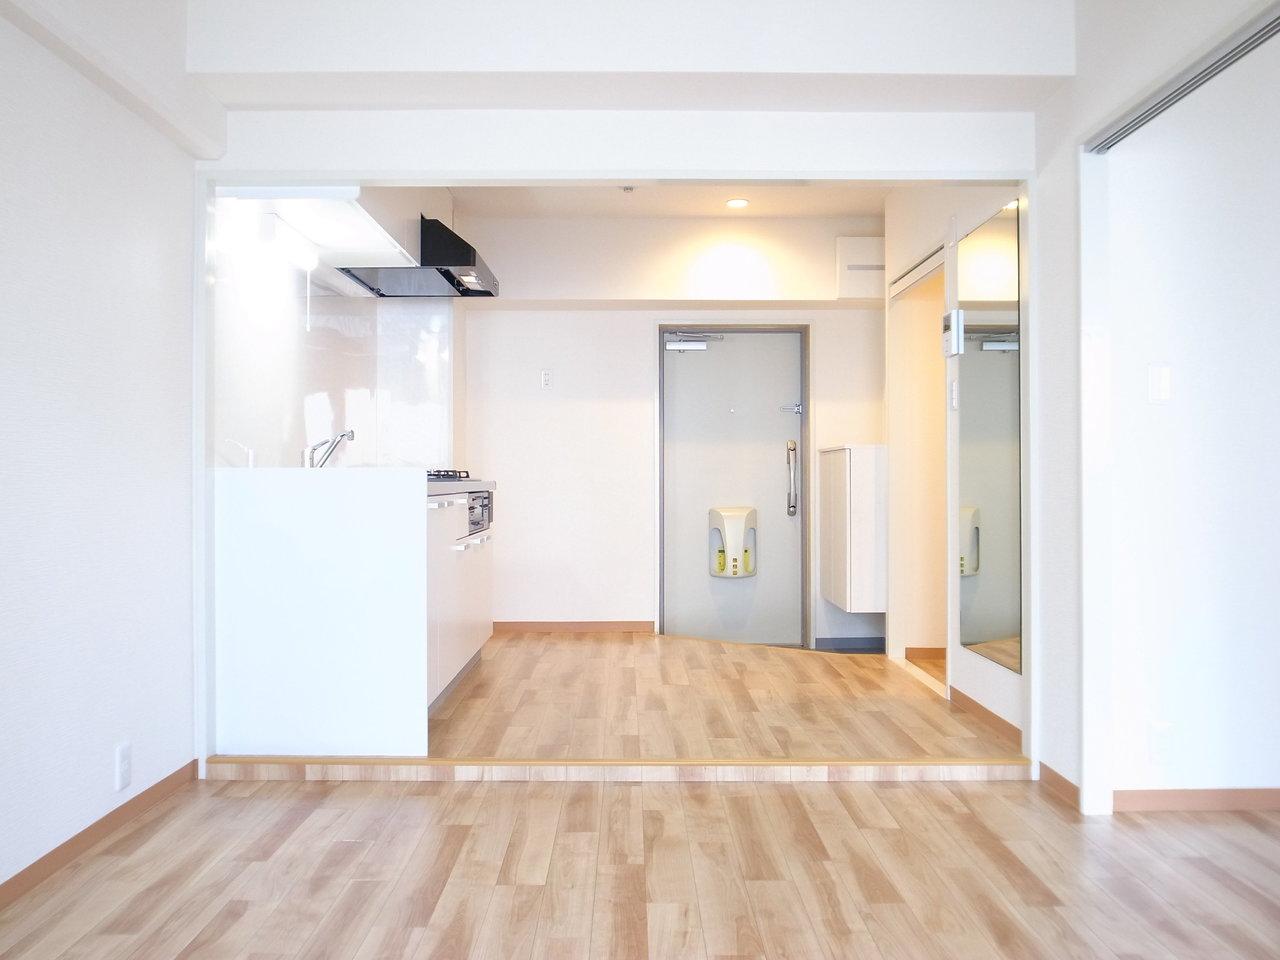 最後は中崎町徒歩5分の所にある、1LDKのお部屋。玄関を開ければすぐにキッチンリビングとつながった開放的な景色が待っています。